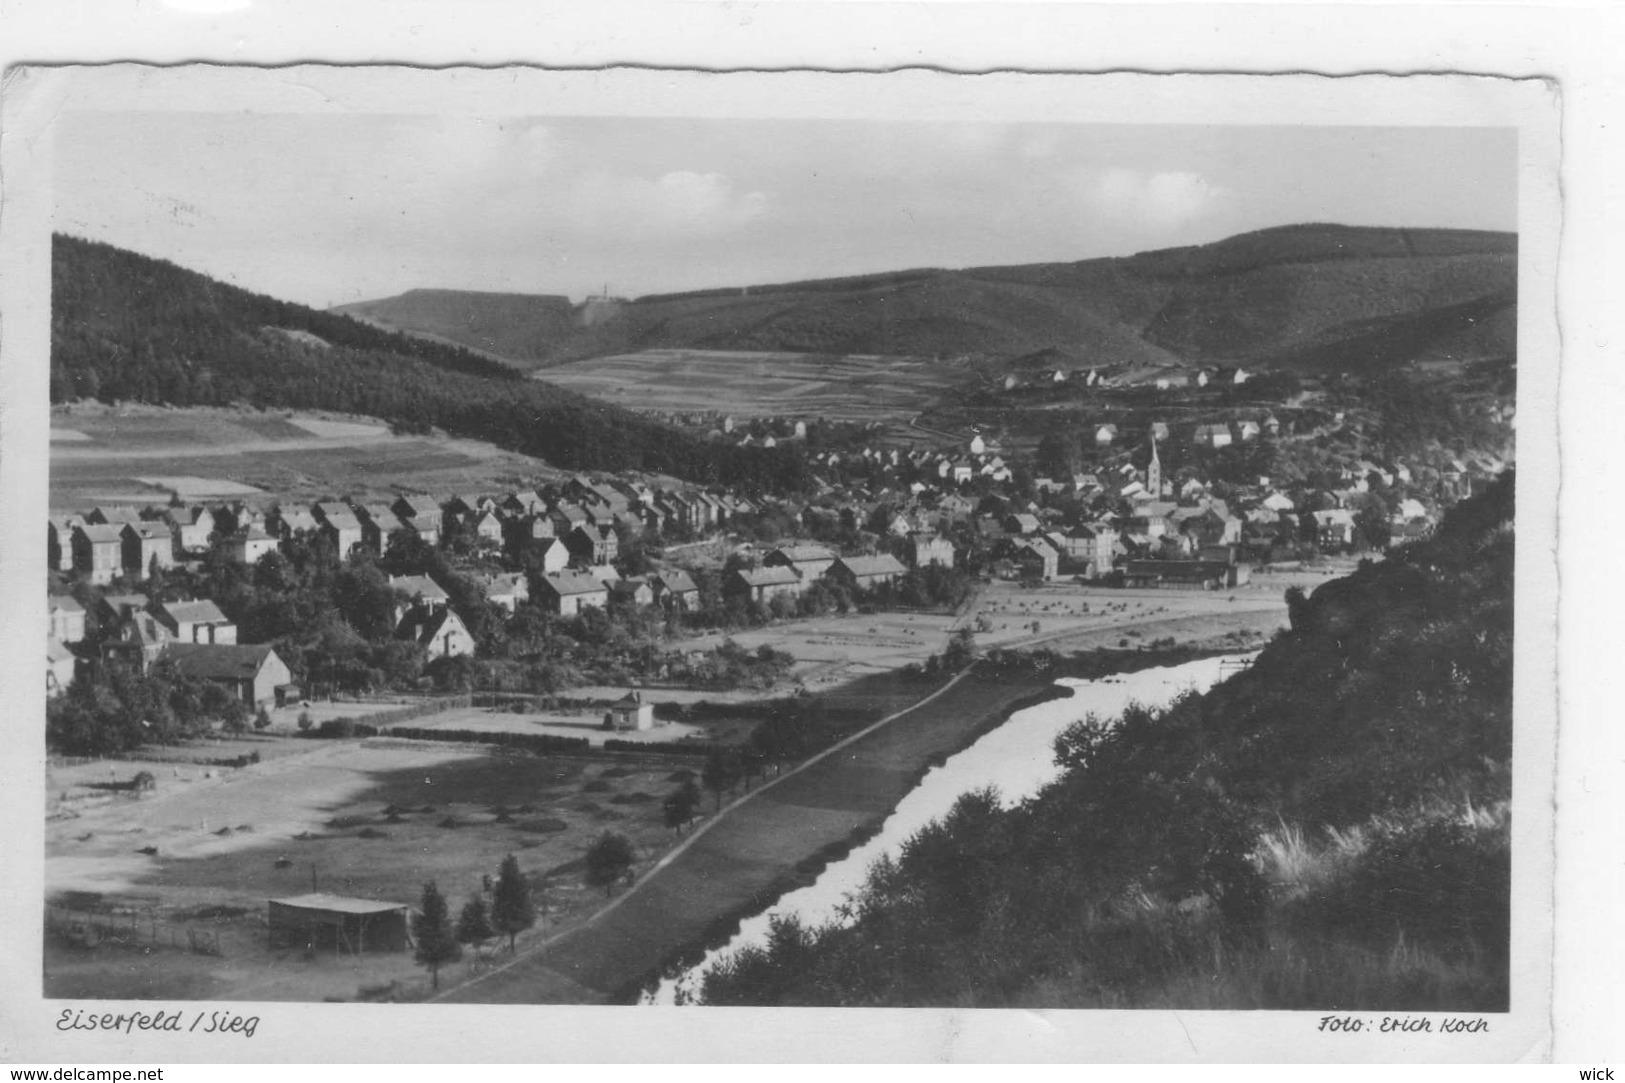 AK Eiserfeld / Sieg Bei Kreuzthal, Wilnsdorf, Siegen, Wittgenstein - Seltene Foto-AK !!! - Euskirchen